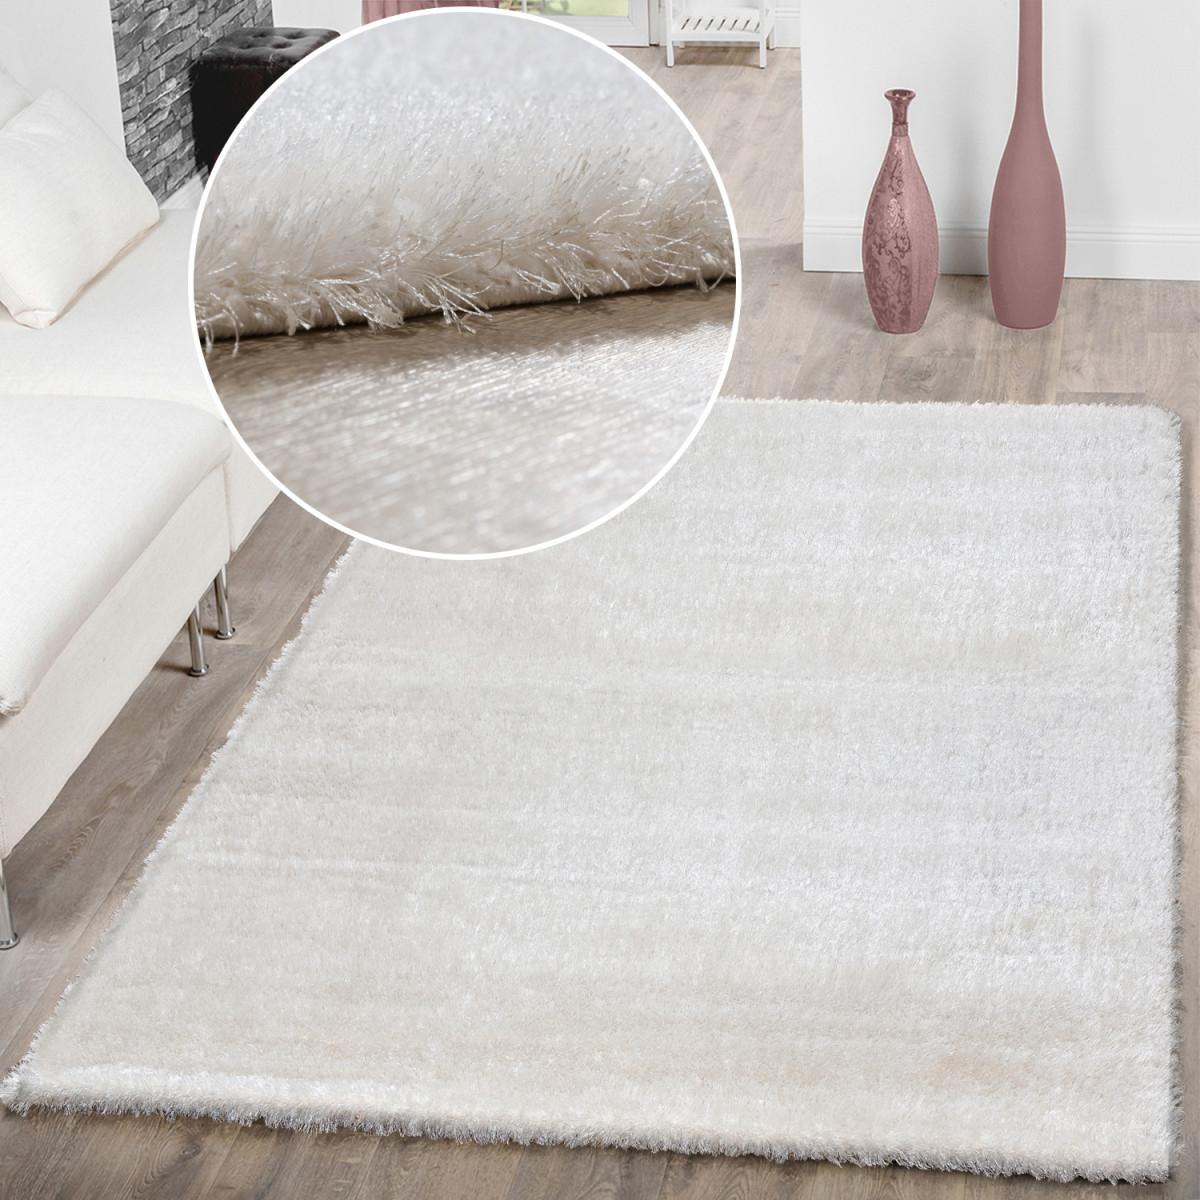 Details Zu Teppich Wohnzimmer Hochflor Teppiche Modern Elegant Weich  Schimmer In Uni Weiß von Wohnzimmer Teppich Weiß Photo